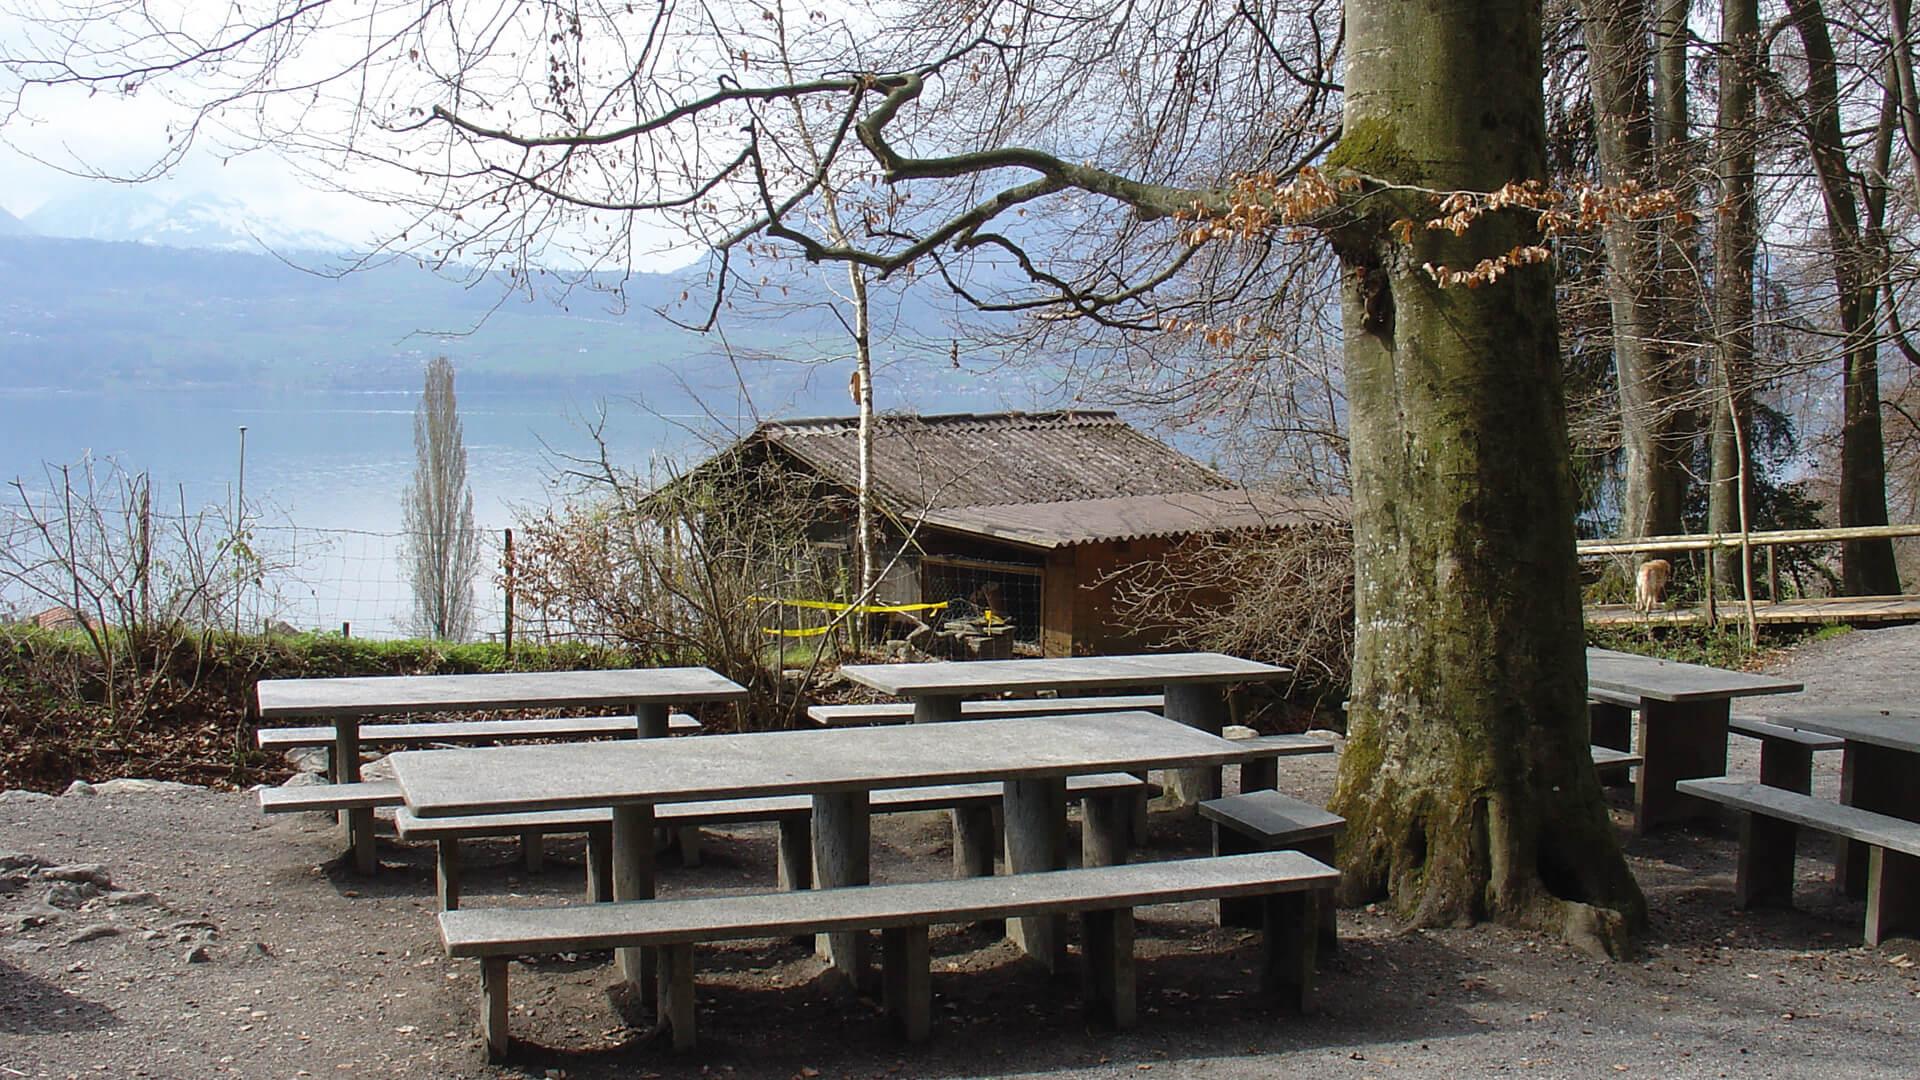 merligen-picknickplatz-opeten-aussenplaetze-fruehling